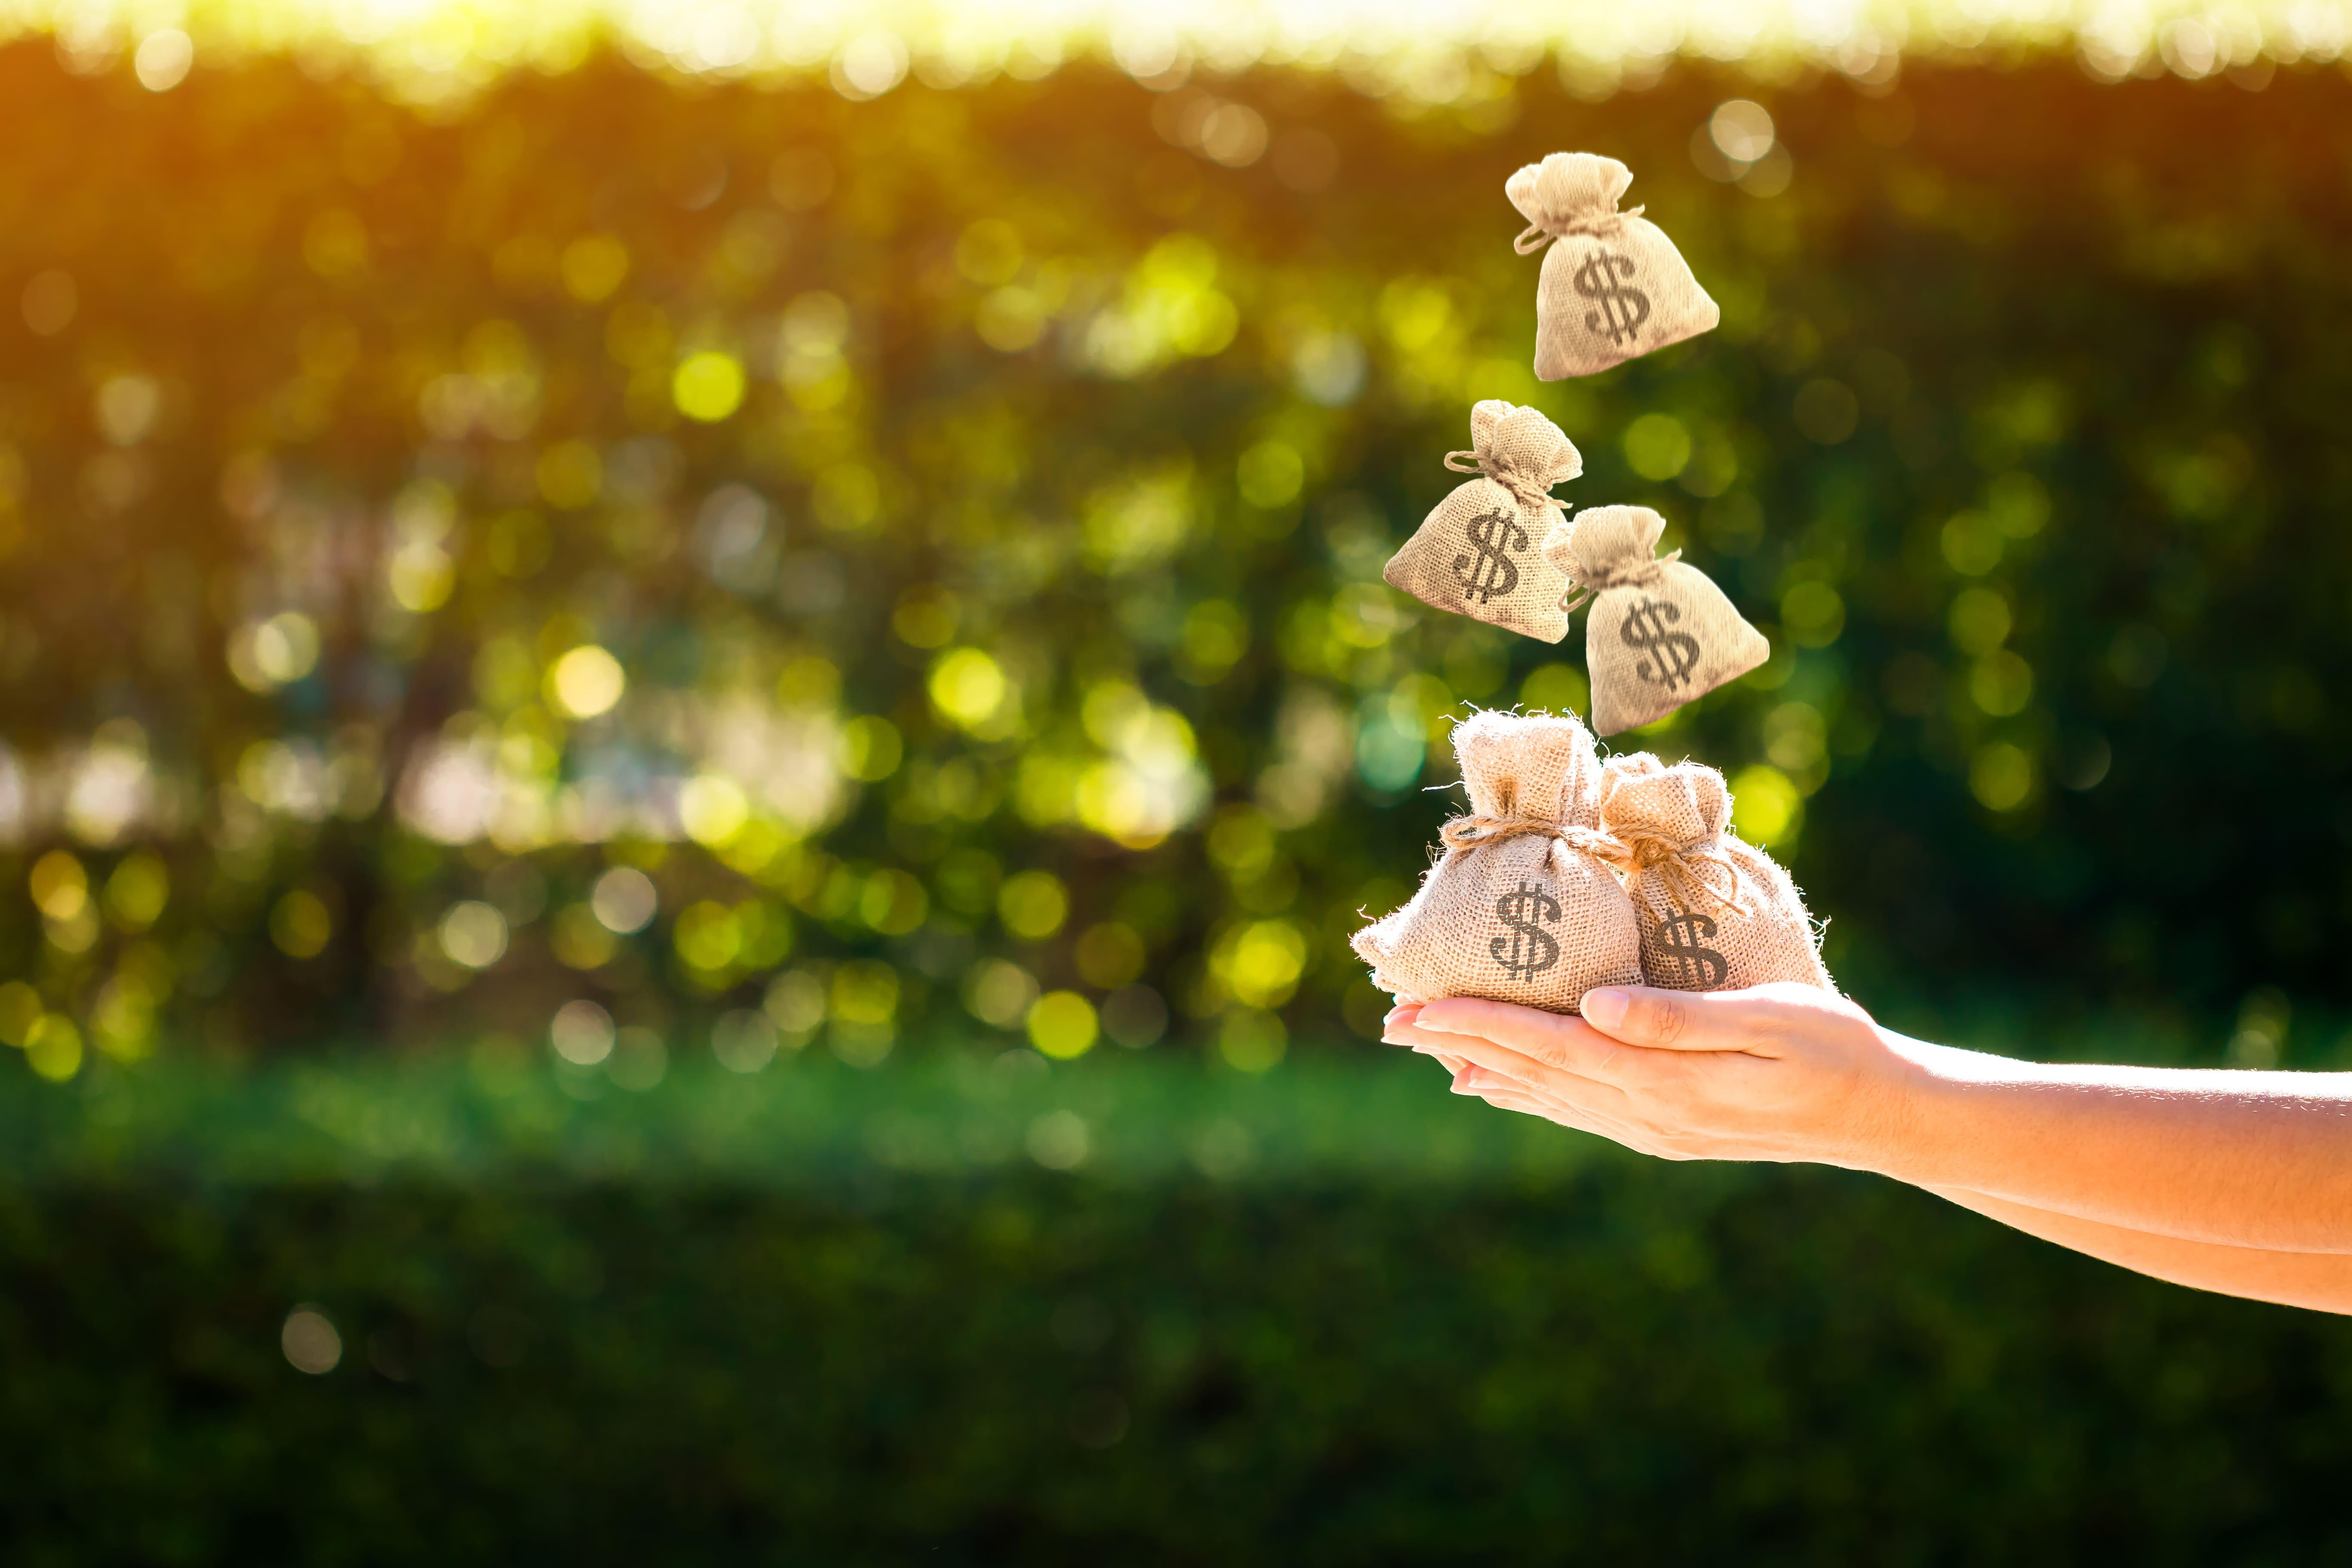 Imagem de alguns sacos de dinheiro para remeter a como fazer o salário render mais